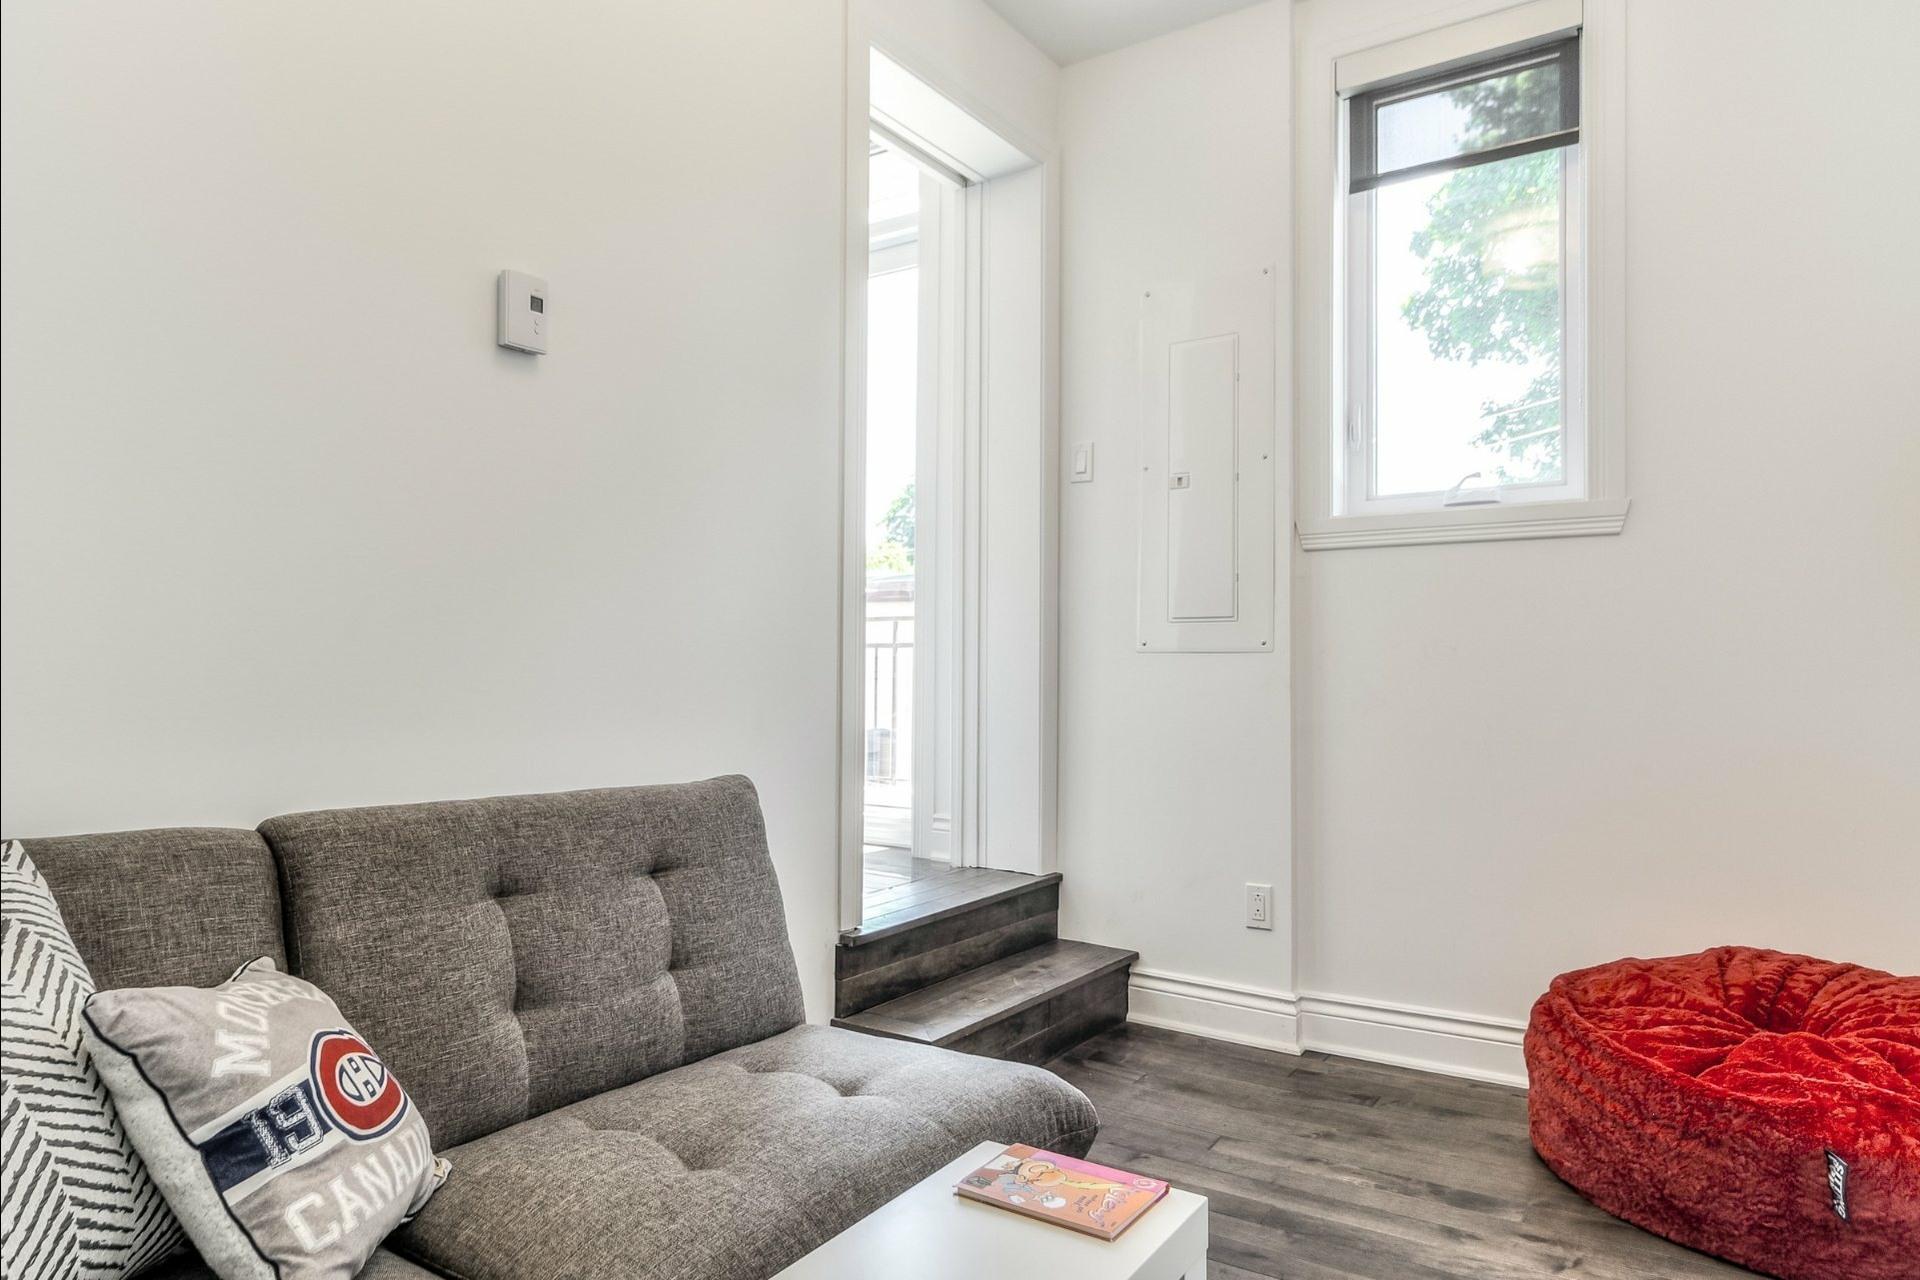 image 23 - Appartement À louer Montréal Le Plateau-Mont-Royal  - 7 pièces